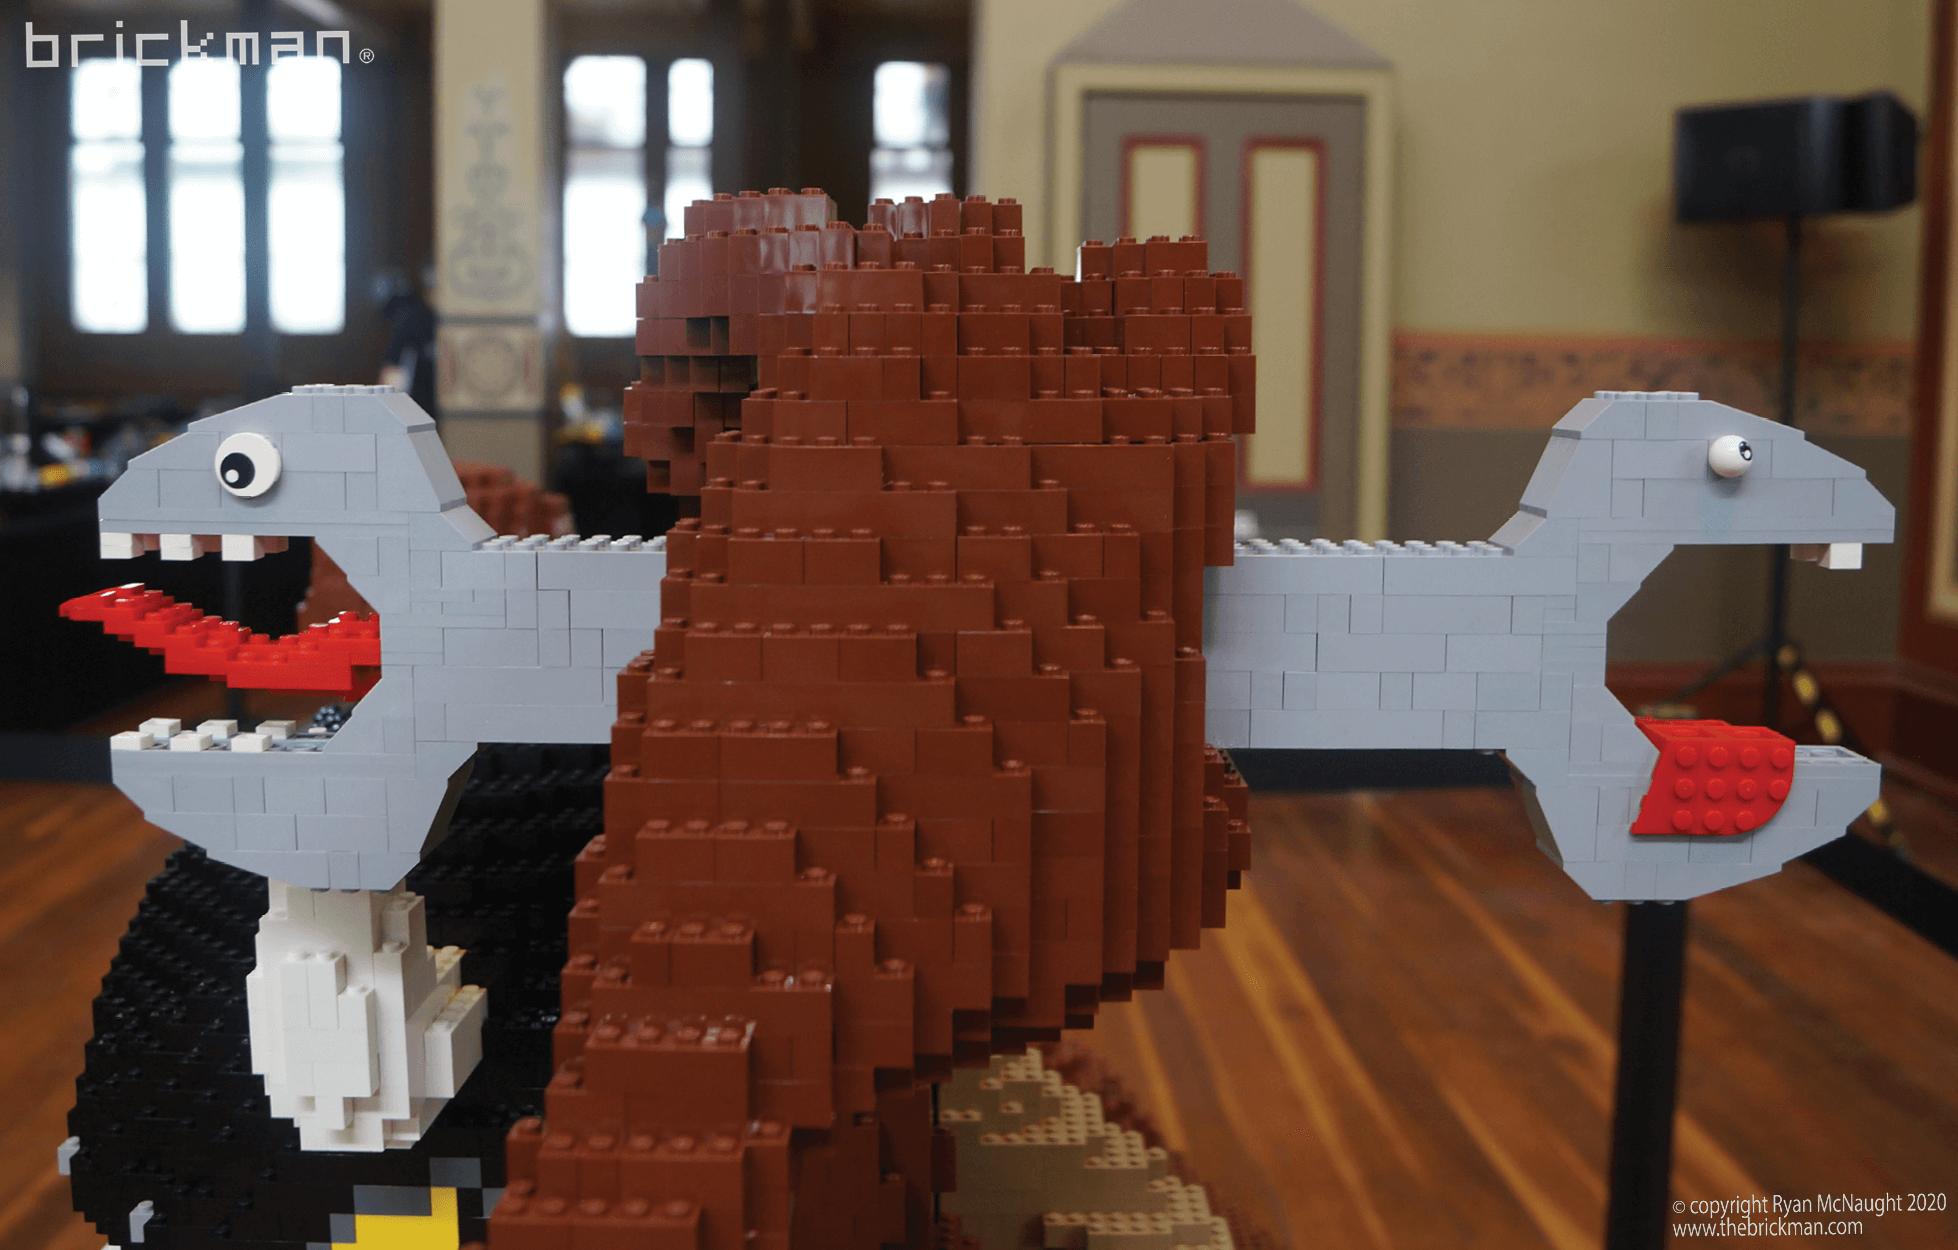 LEGO brick Taz Devil Spanner